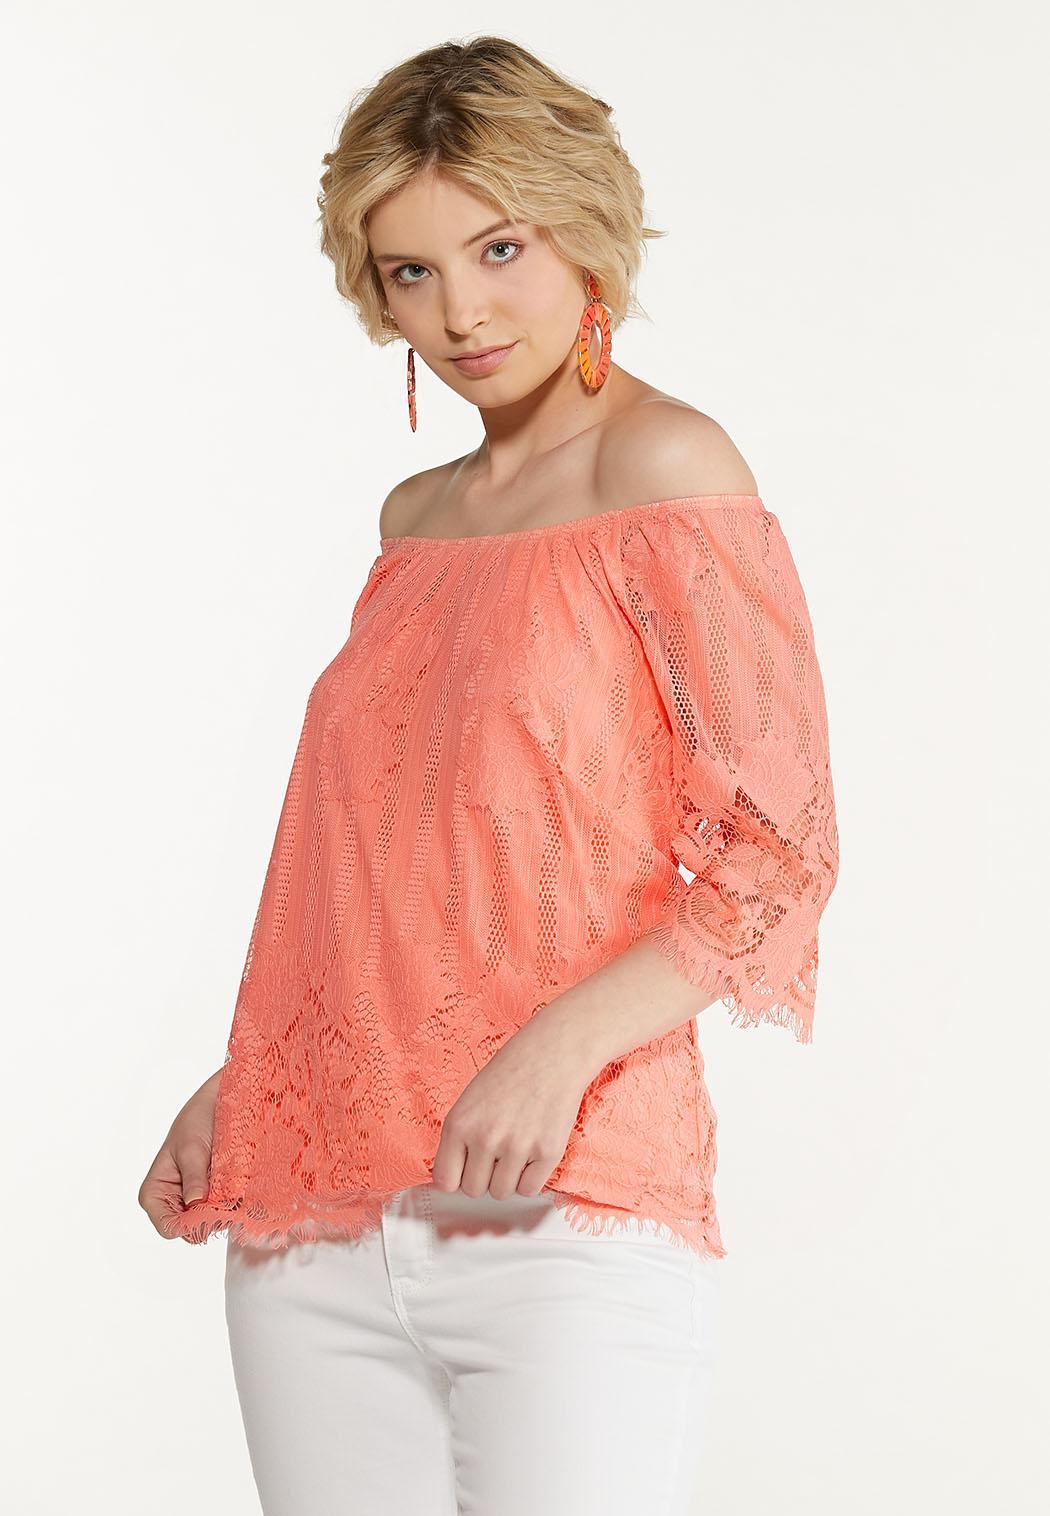 Plus Size Peachy Lace Top